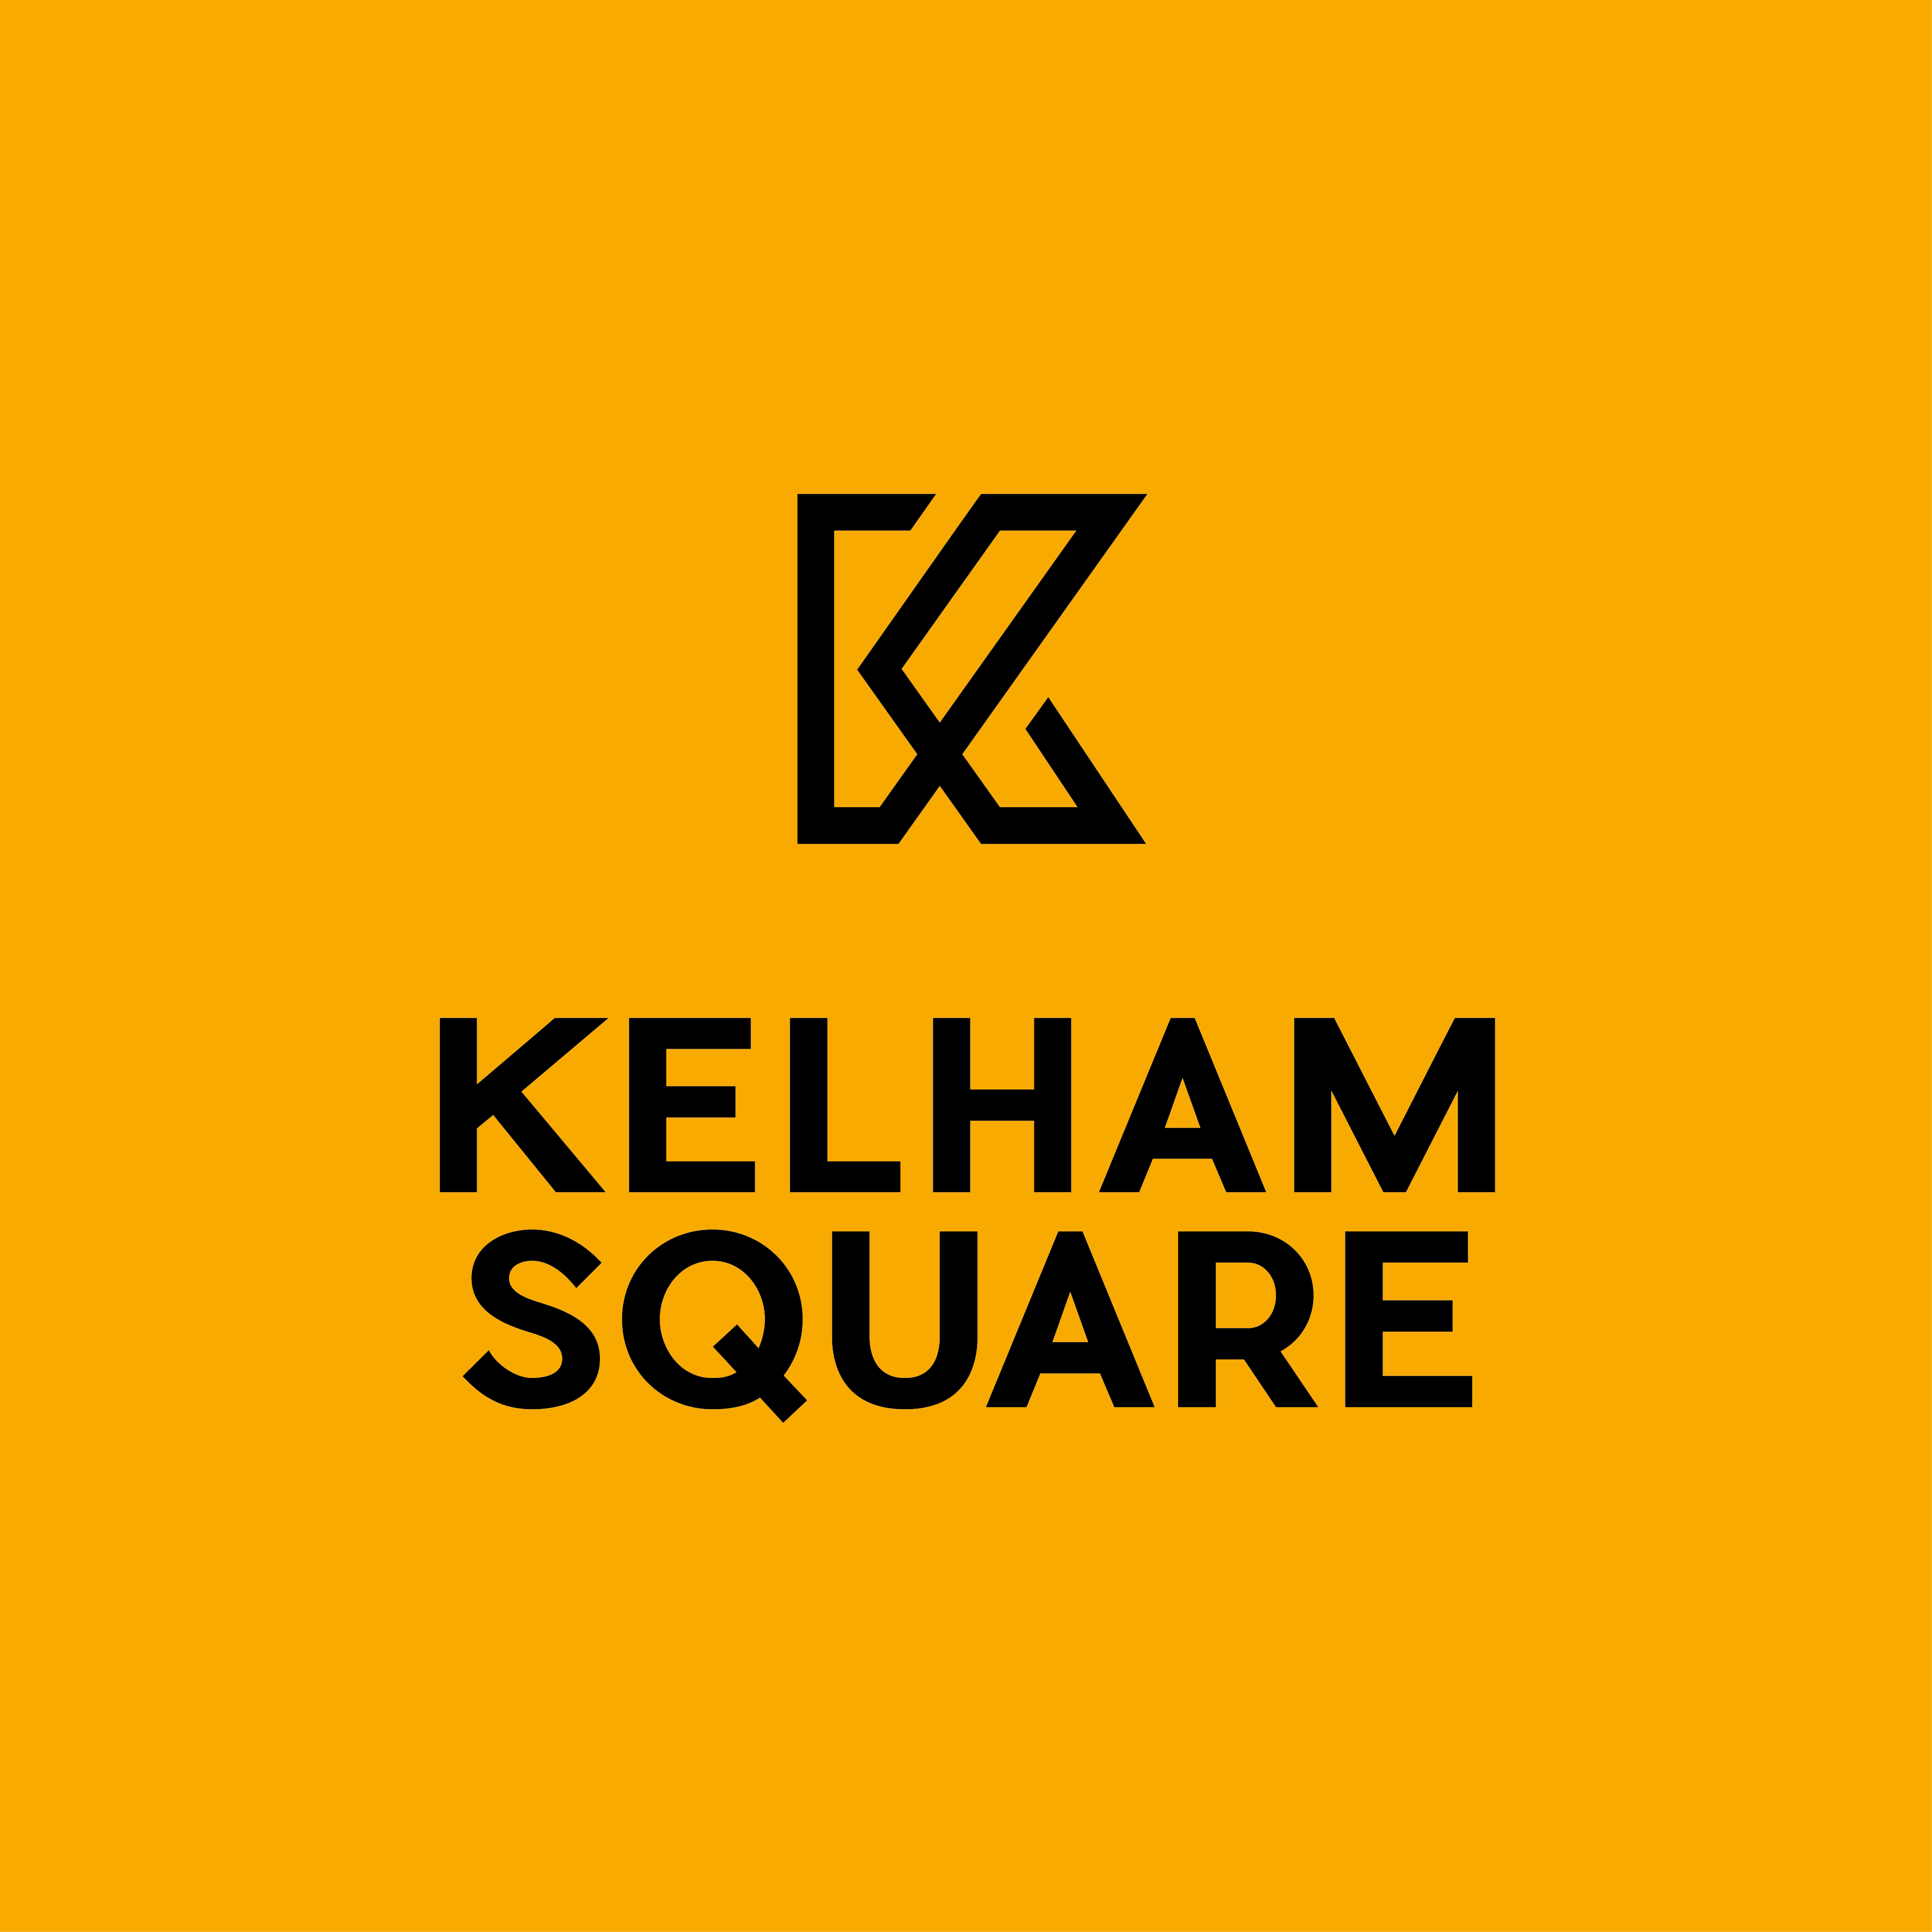 Kelham Square